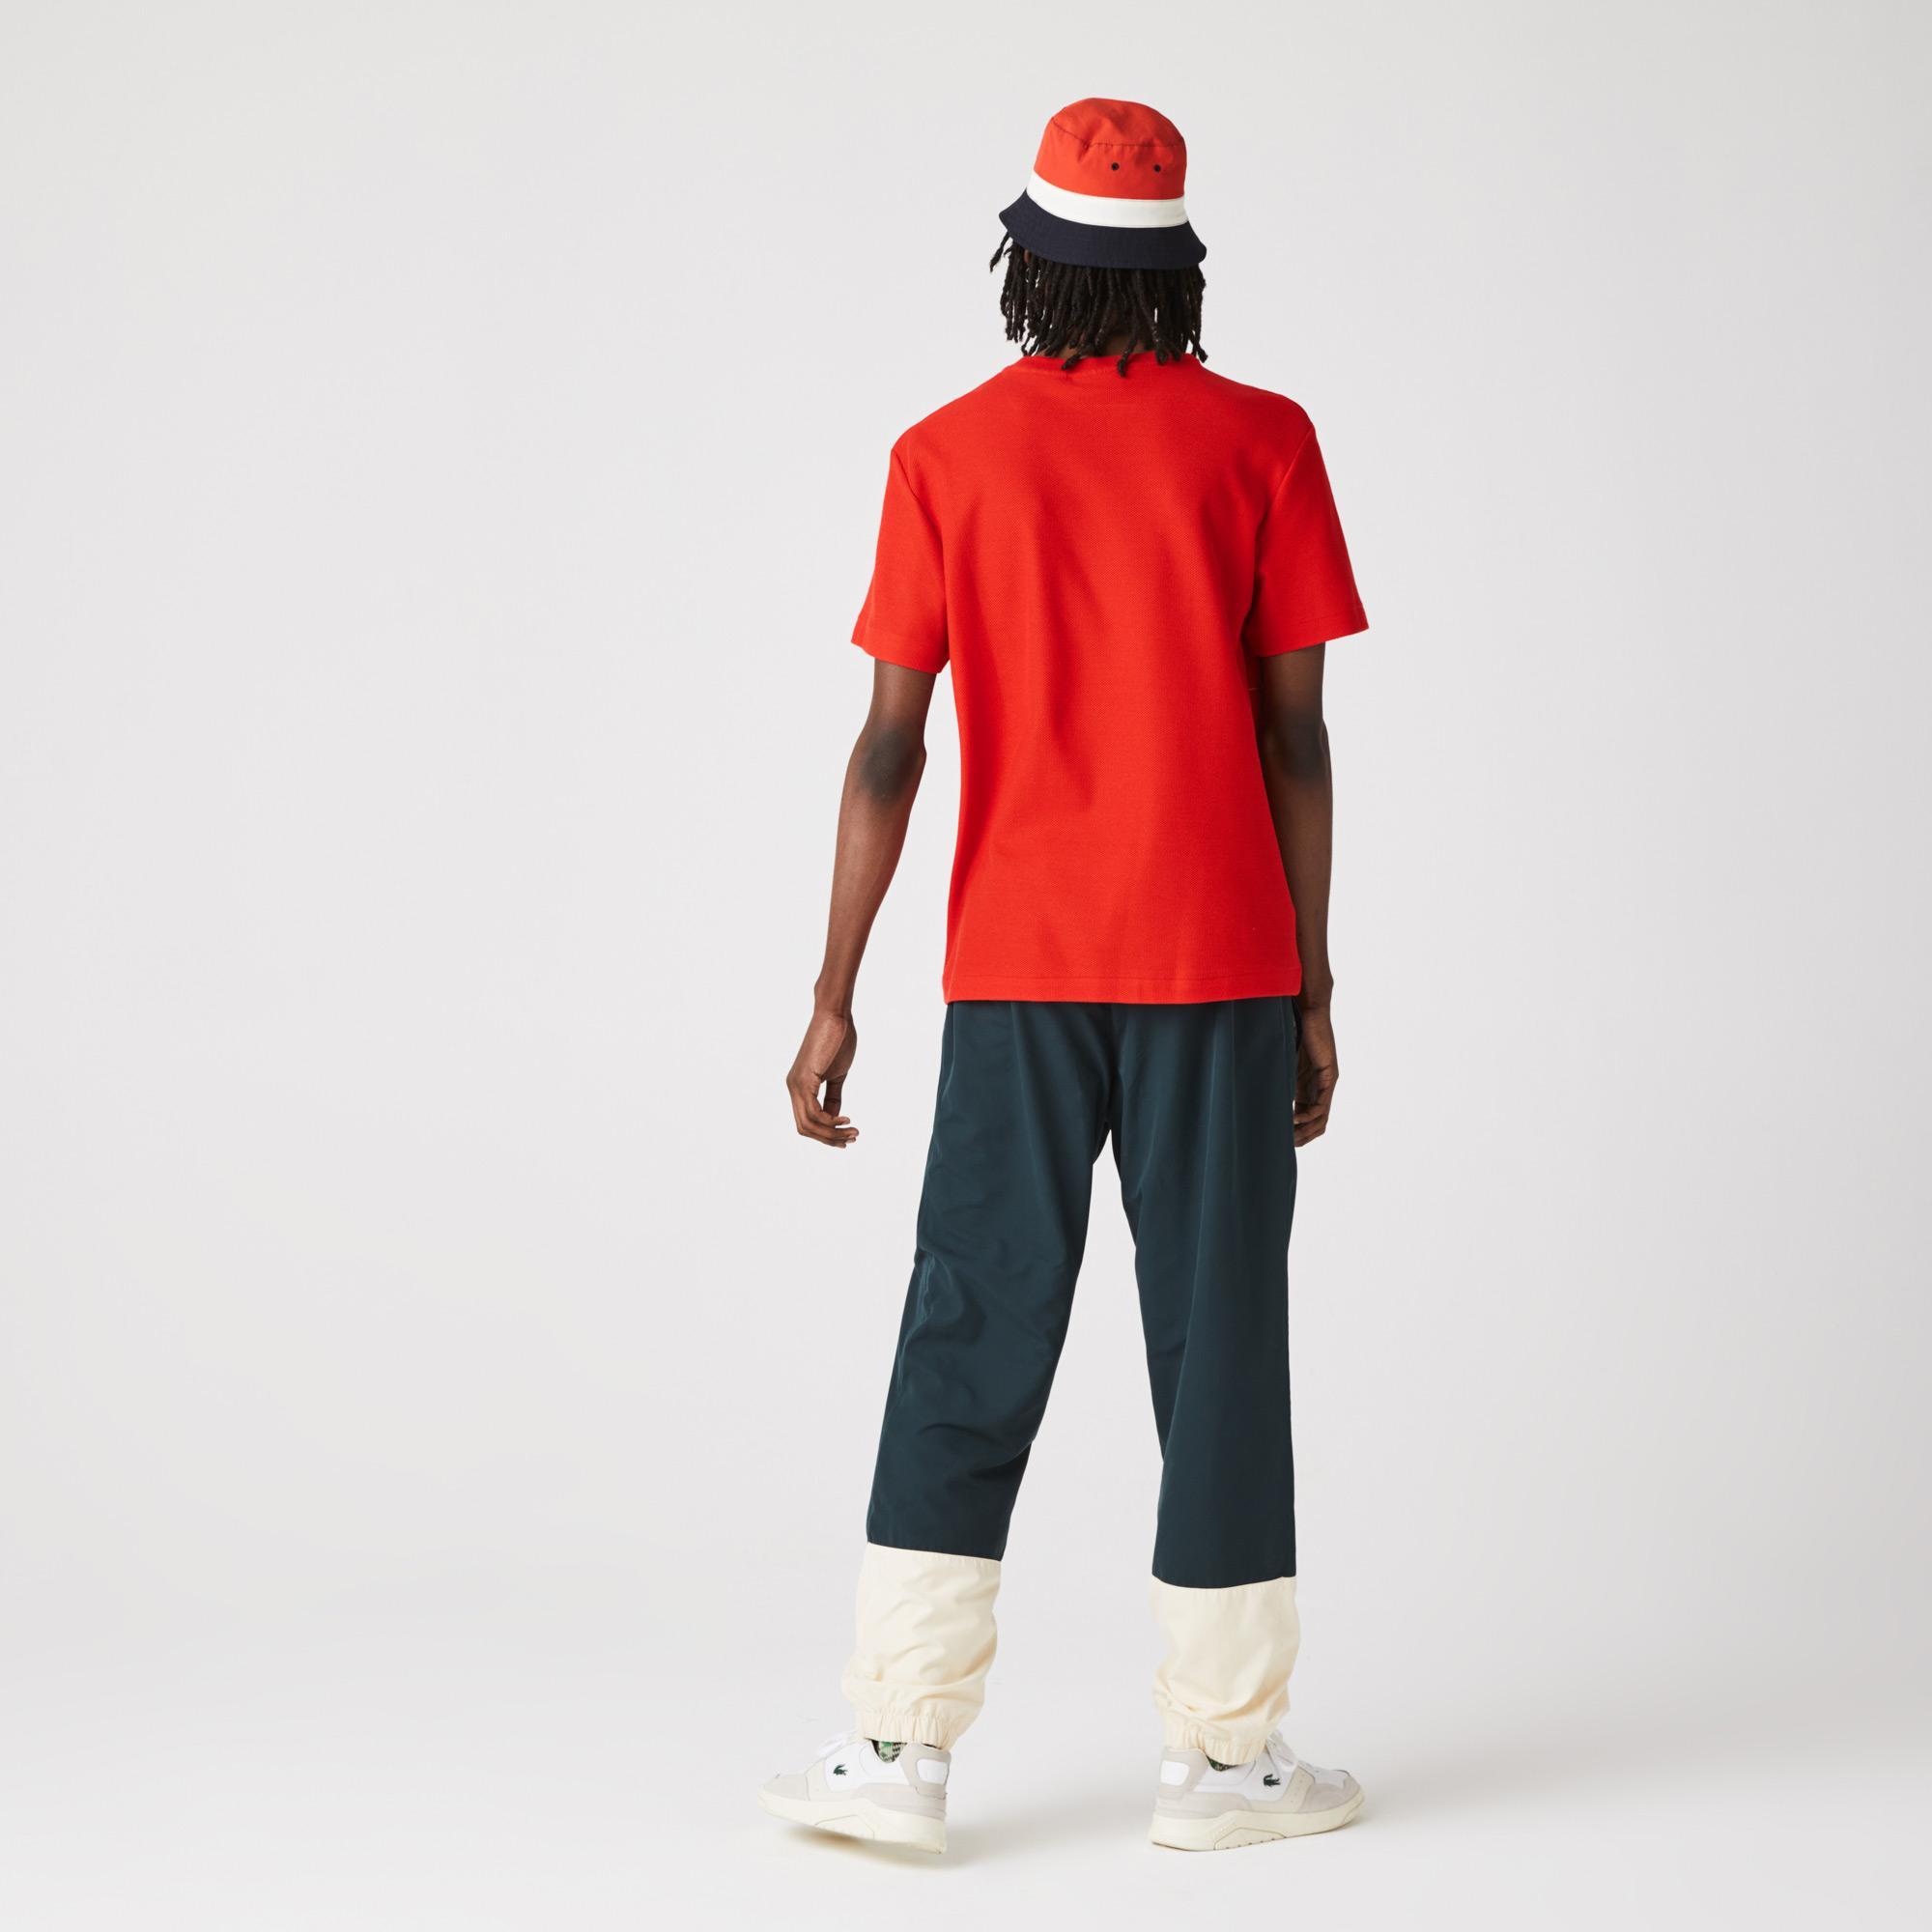 Lacoste Erkek Regular Fit Bisiklet Yaka Çizgili Kırmızı T-Shirt